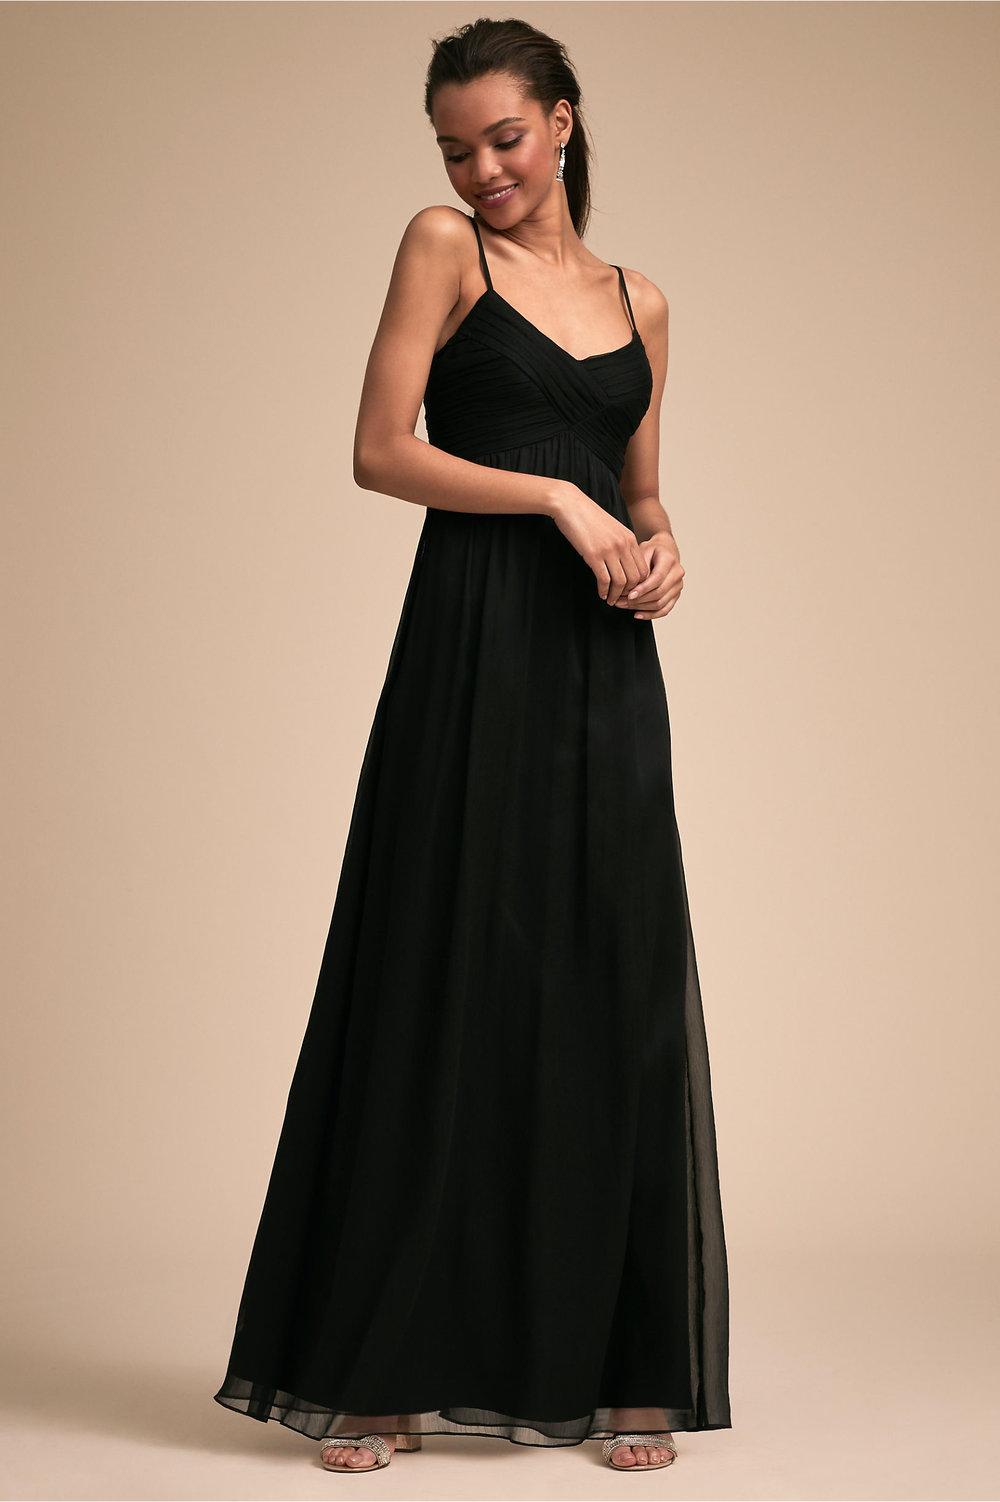 Brigitte Wedding Dress in Black by BHLDN